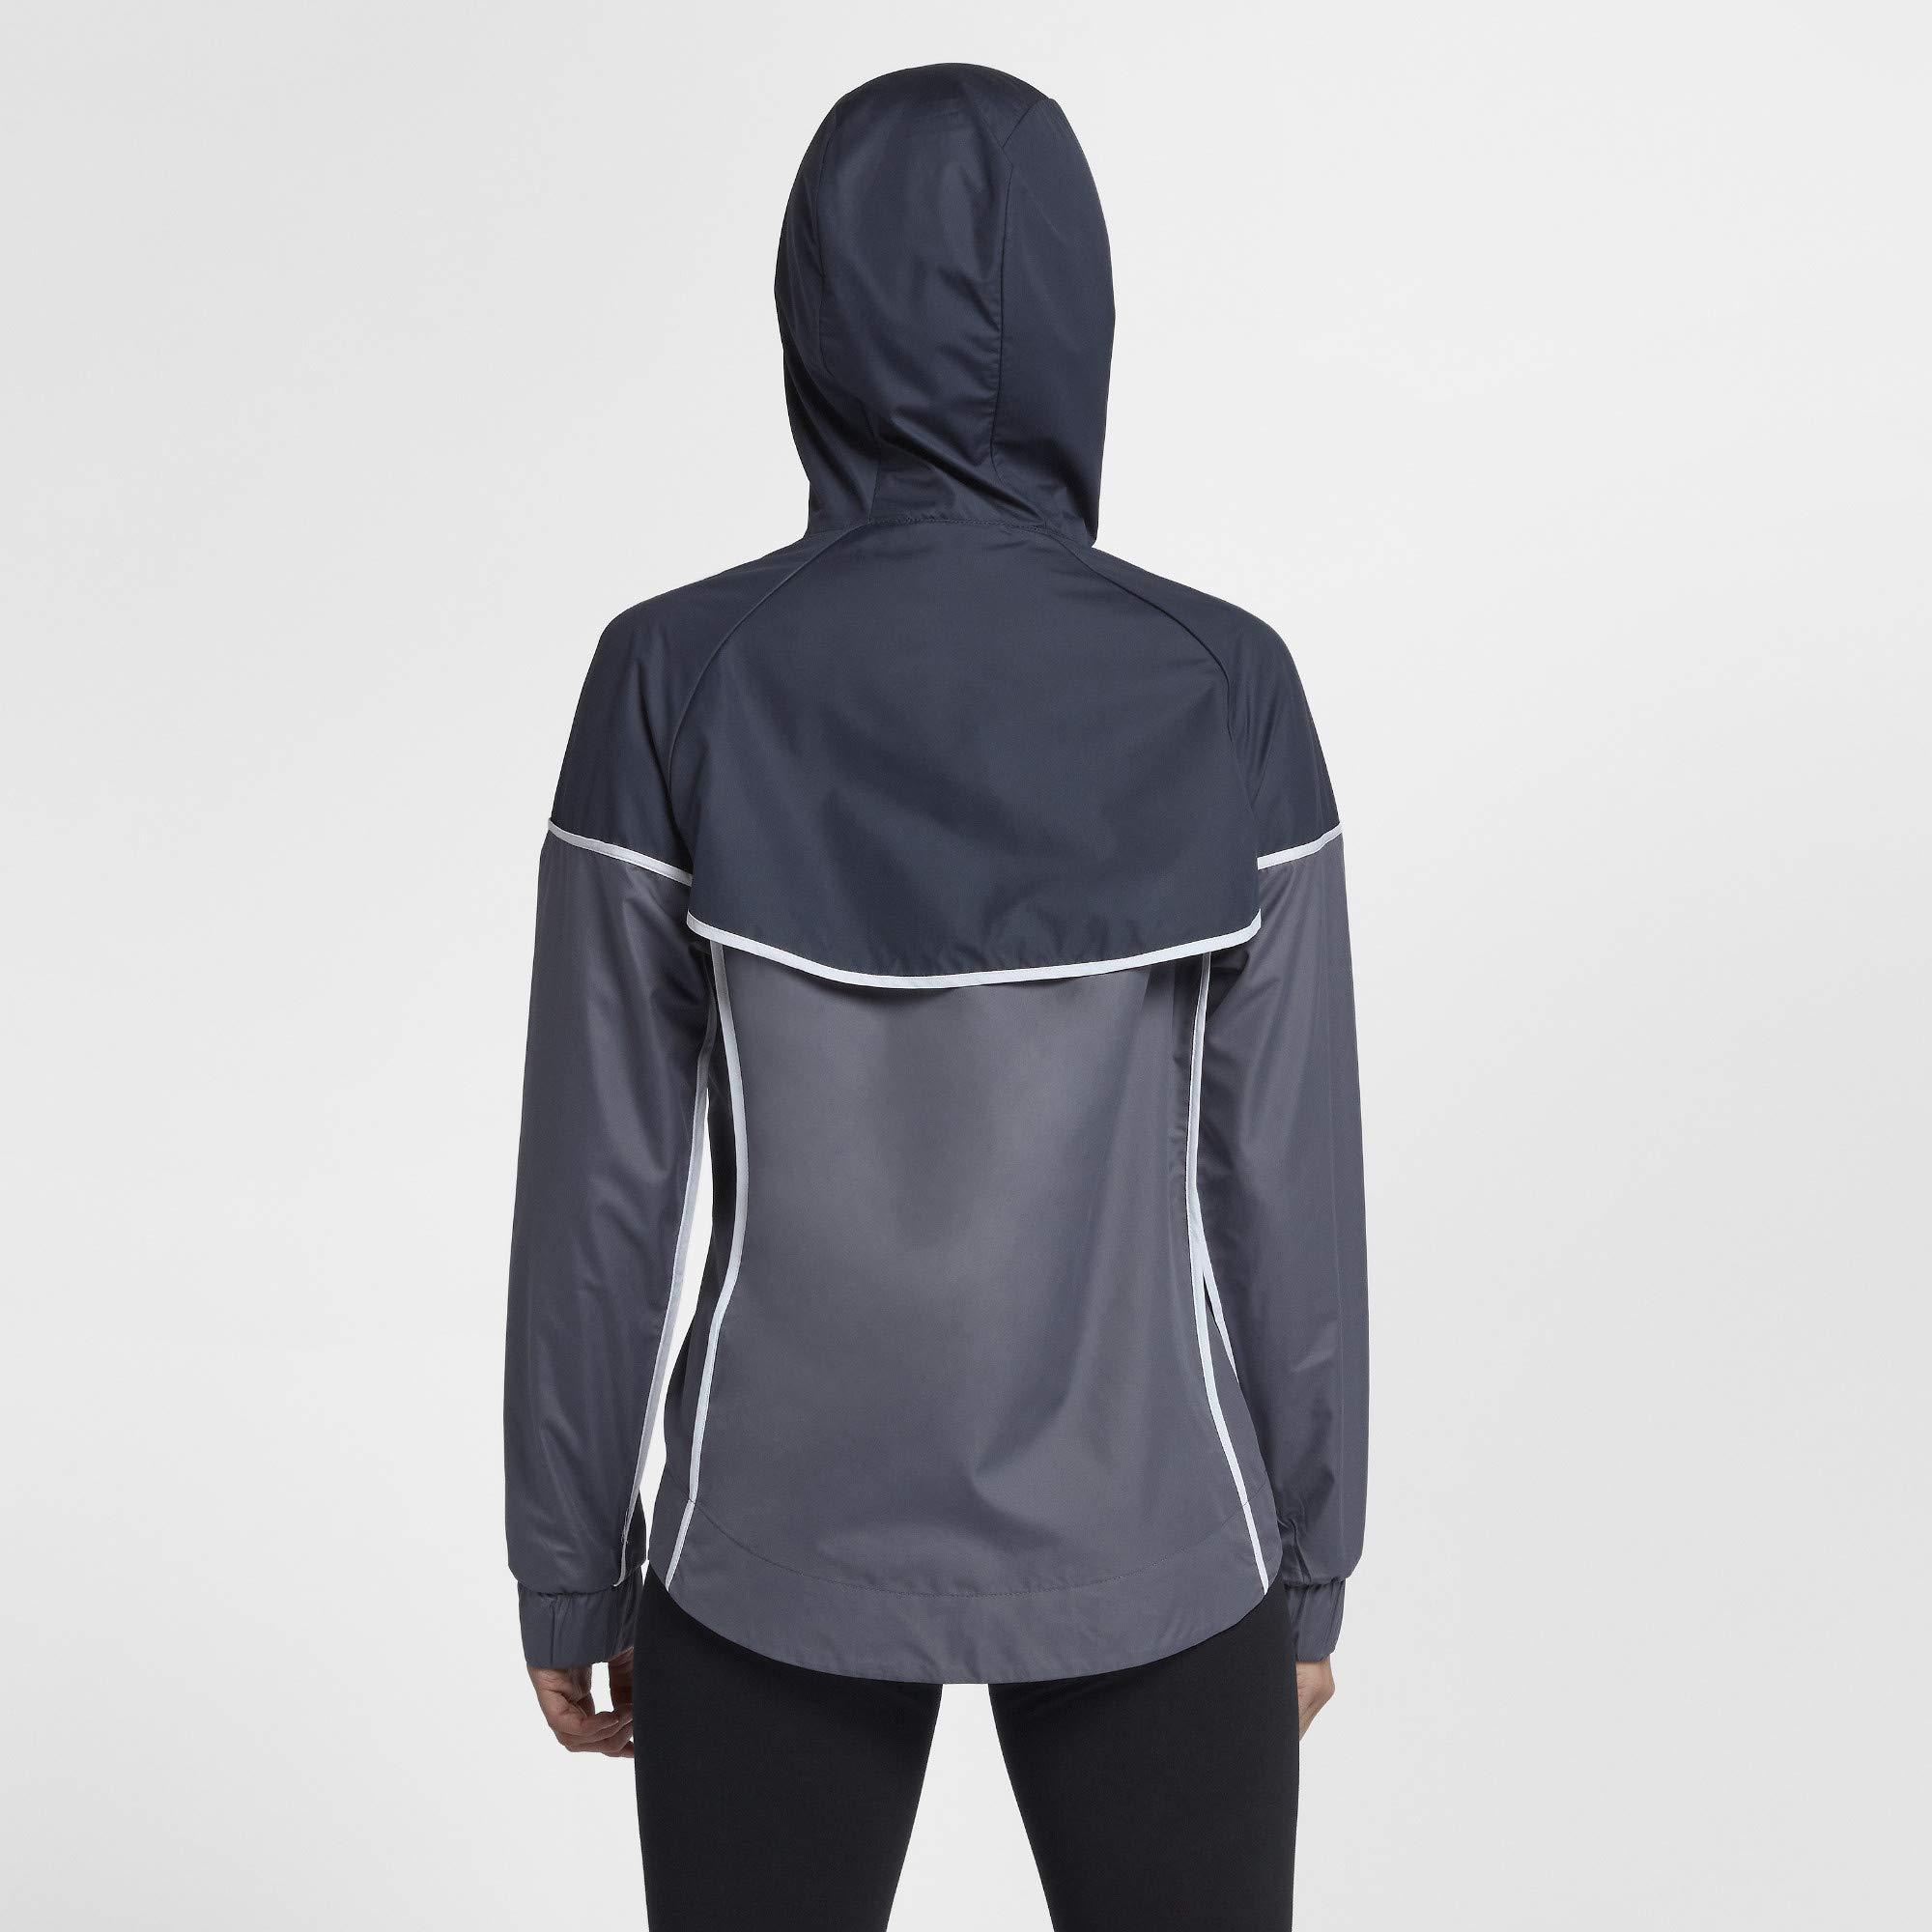 Nike Women's Sportswear Windrunner Jacket(Light Carbon/Thunder Blue, XS)